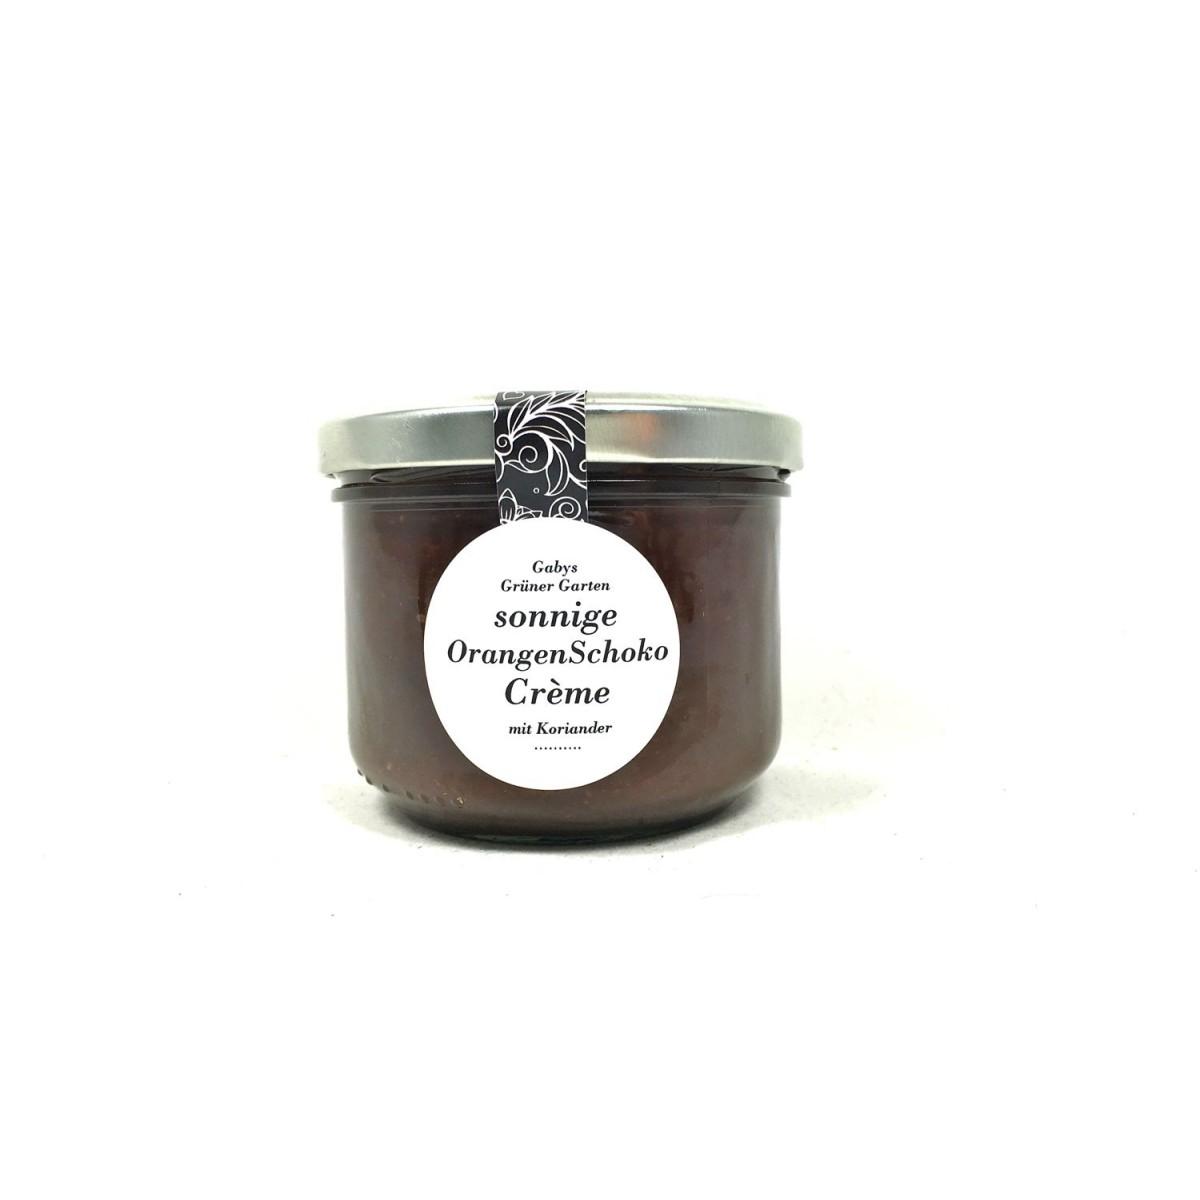 Gabys Grüner Garten sonnige Orangen-Schoko Crème 250g